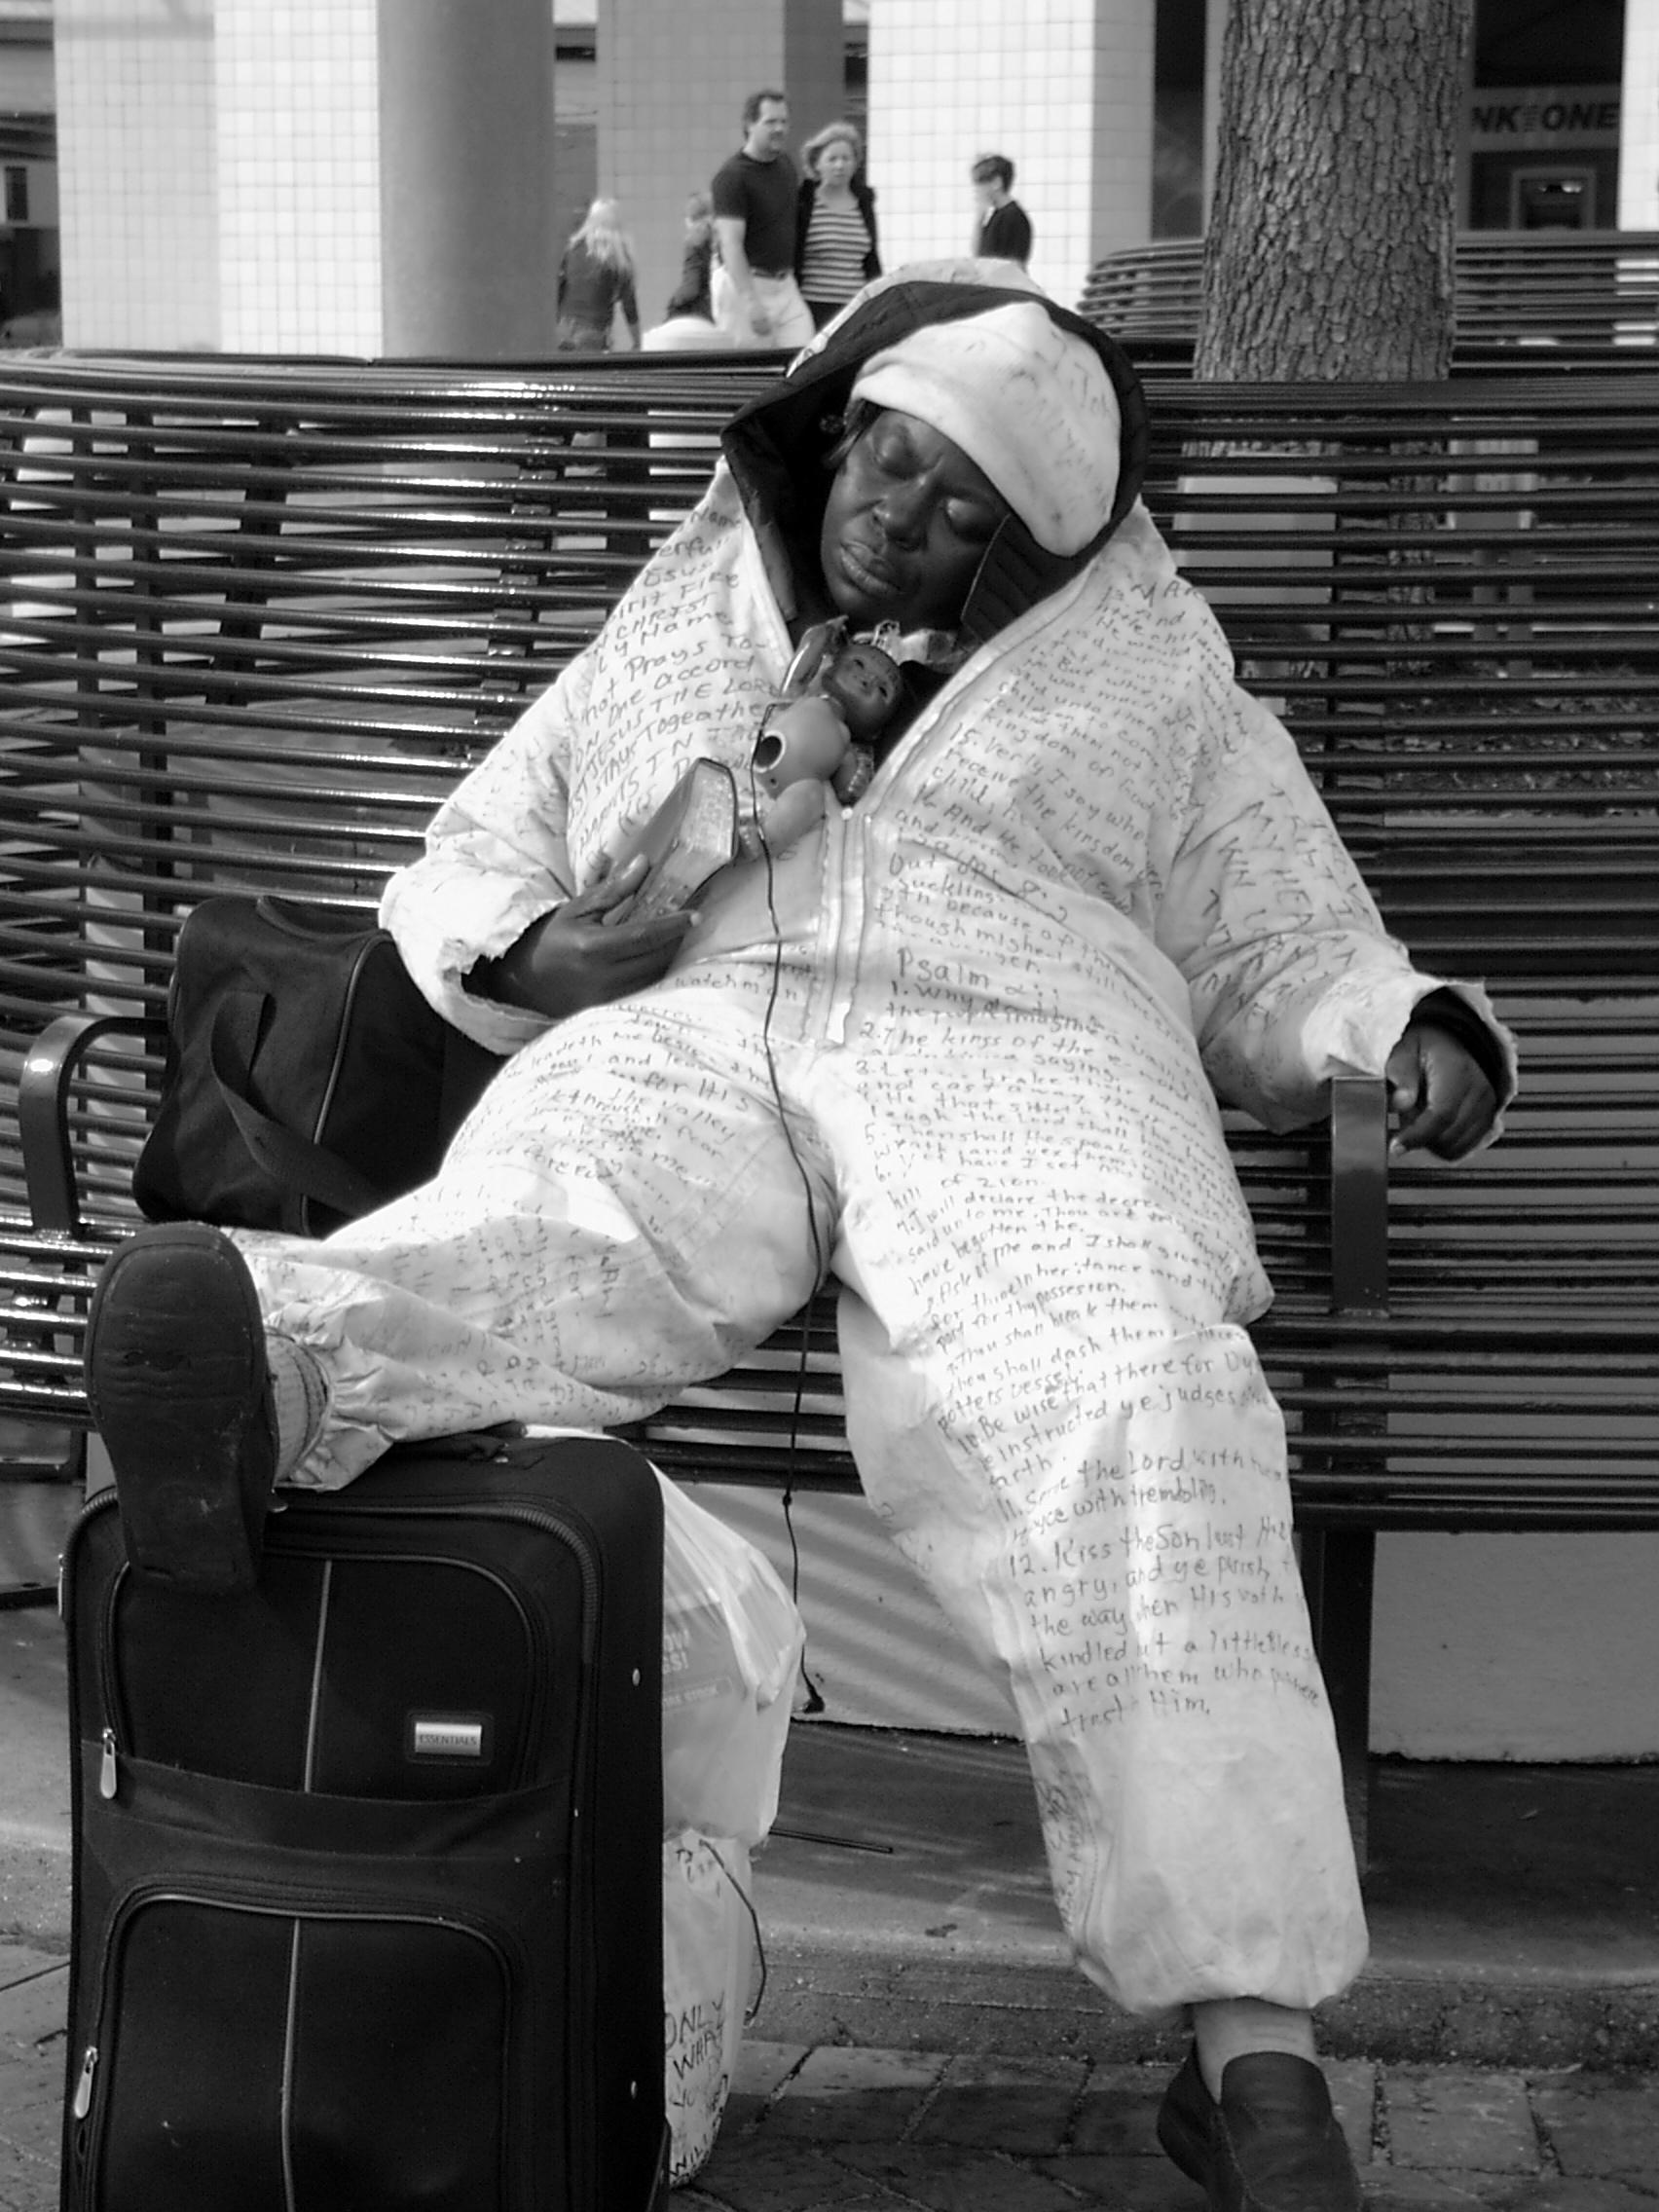 Homeless_new orleans 011_3.jpg